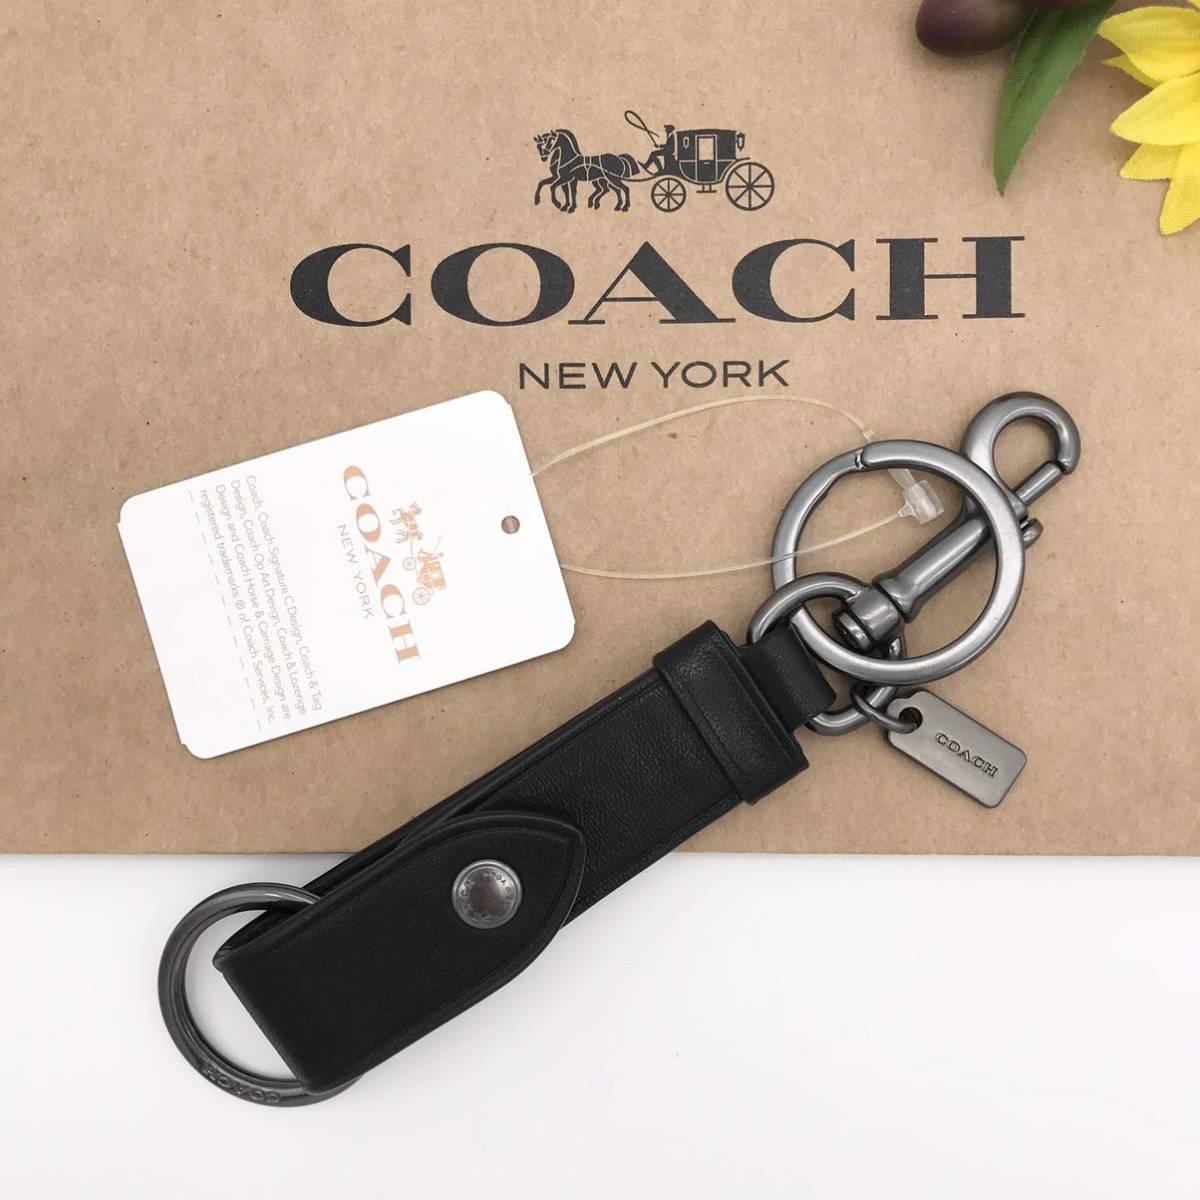 COACH バッグ チャーム ドッグ クリップ バレット ブラック キーホルダー キーリング 新品